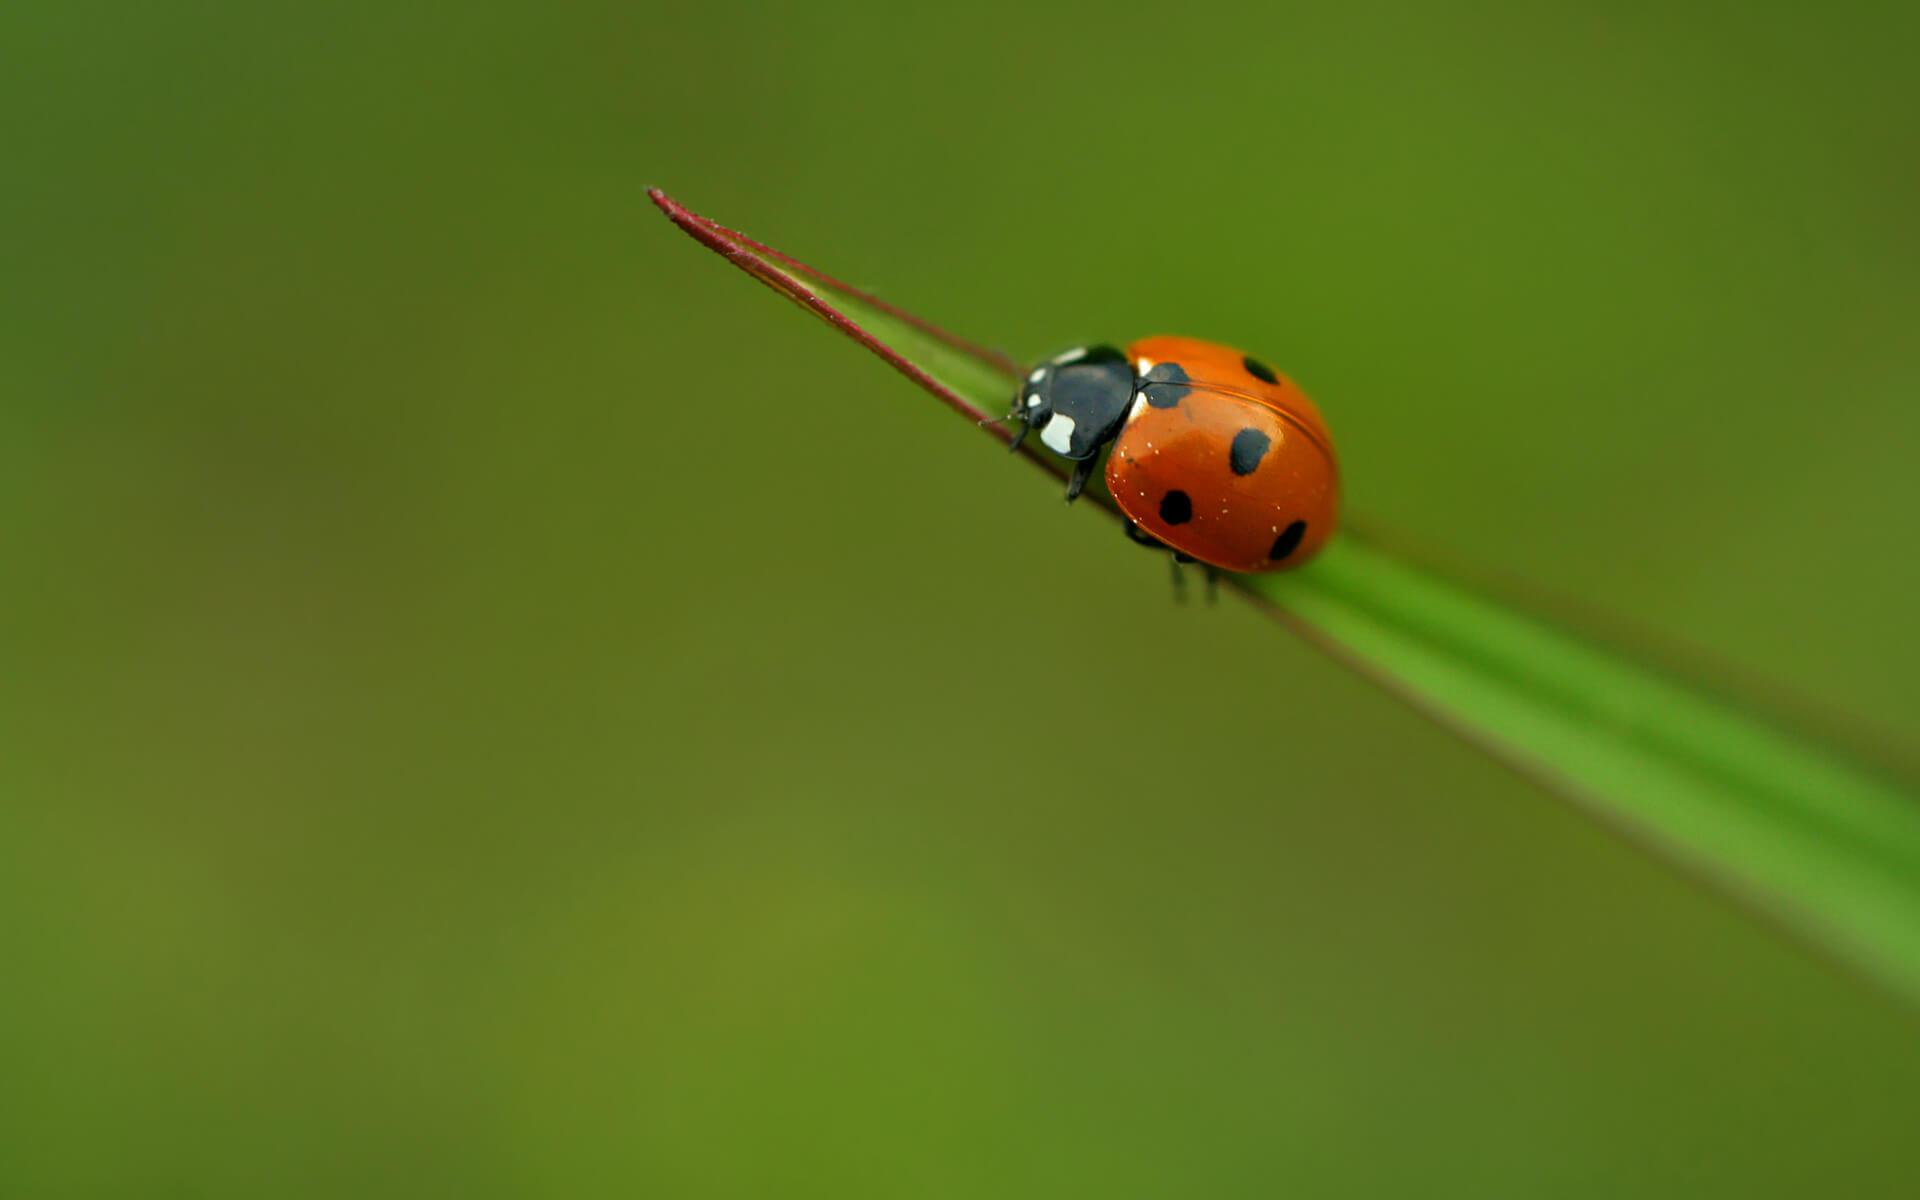 Ladybug-maya.bg